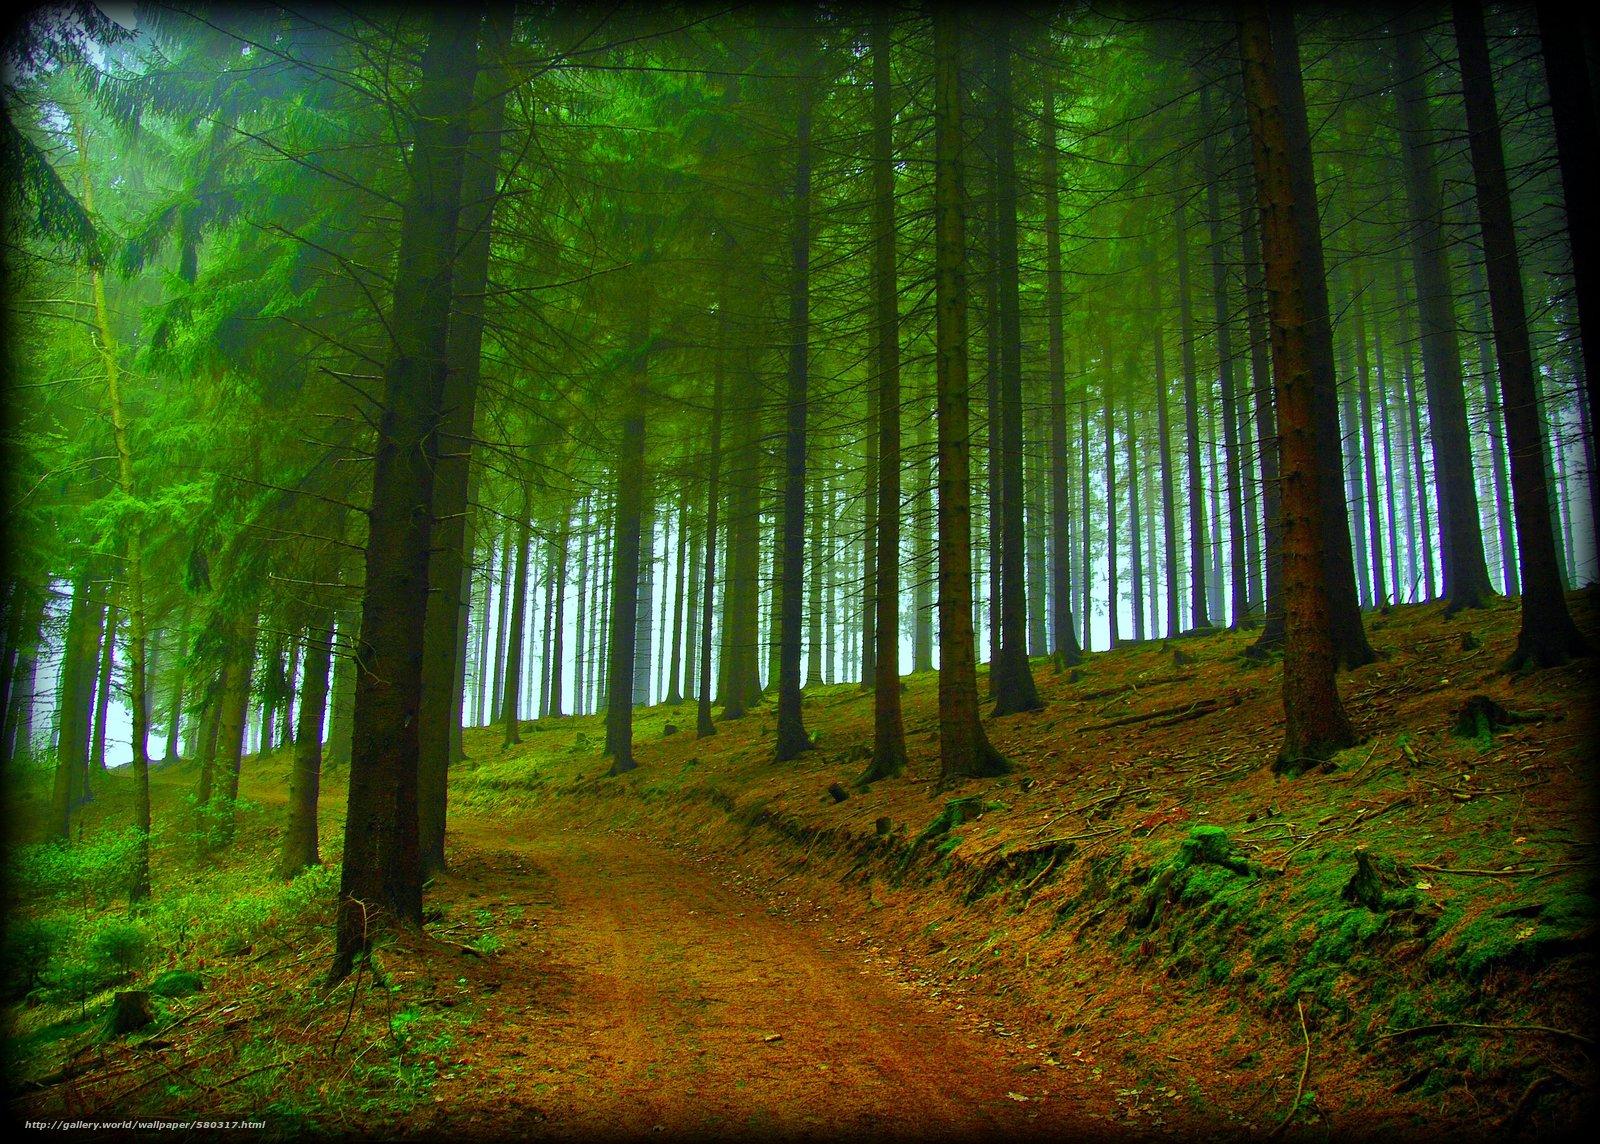 下载壁纸 森林,  树,  道路,  性质 免费为您的桌面分辨率的壁纸 2798x2000 — 图片 №580317